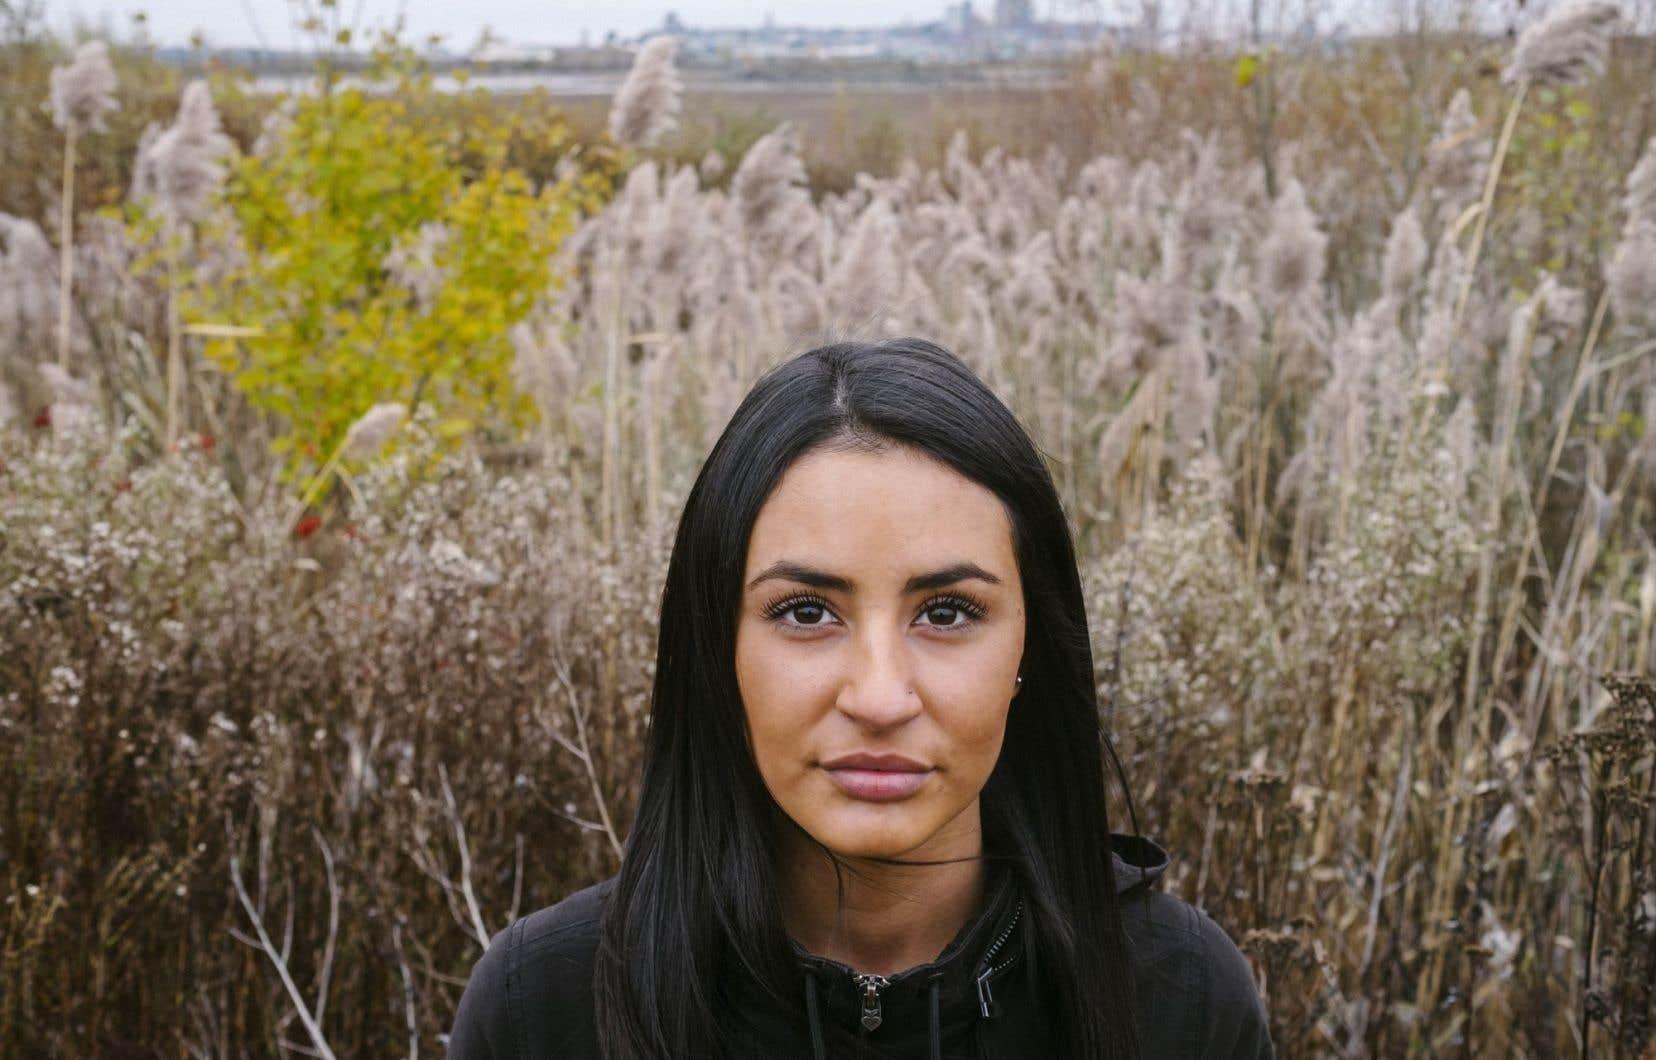 Maïtée Labrecque-Saganash revendique haut et fort son identité autochtone. Fille du député néodémocrate Romeo Saganash, la jeune femme souhaite faire de la politique active pour les Cris.